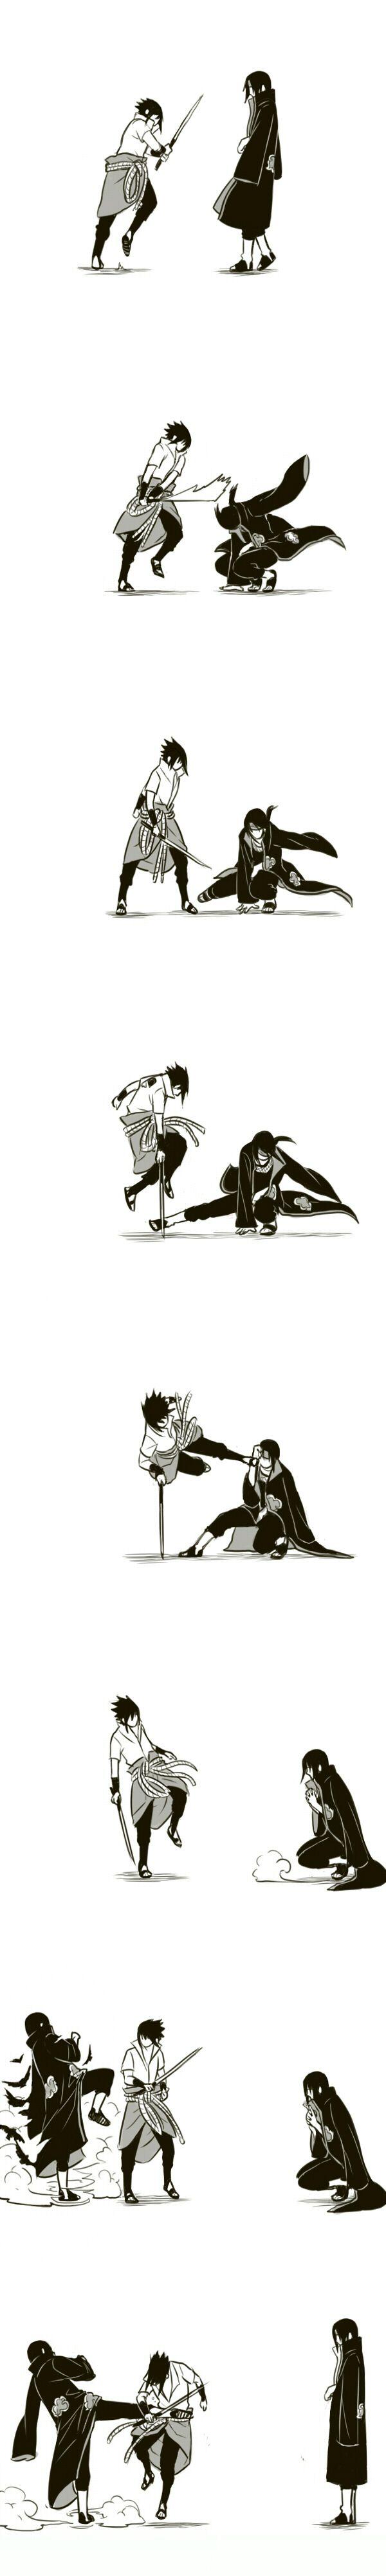 Poxa Itachi! Sabemos que tu és fodão! Mas não humilhe mais o Sasuke kkk Uchihas lindos!